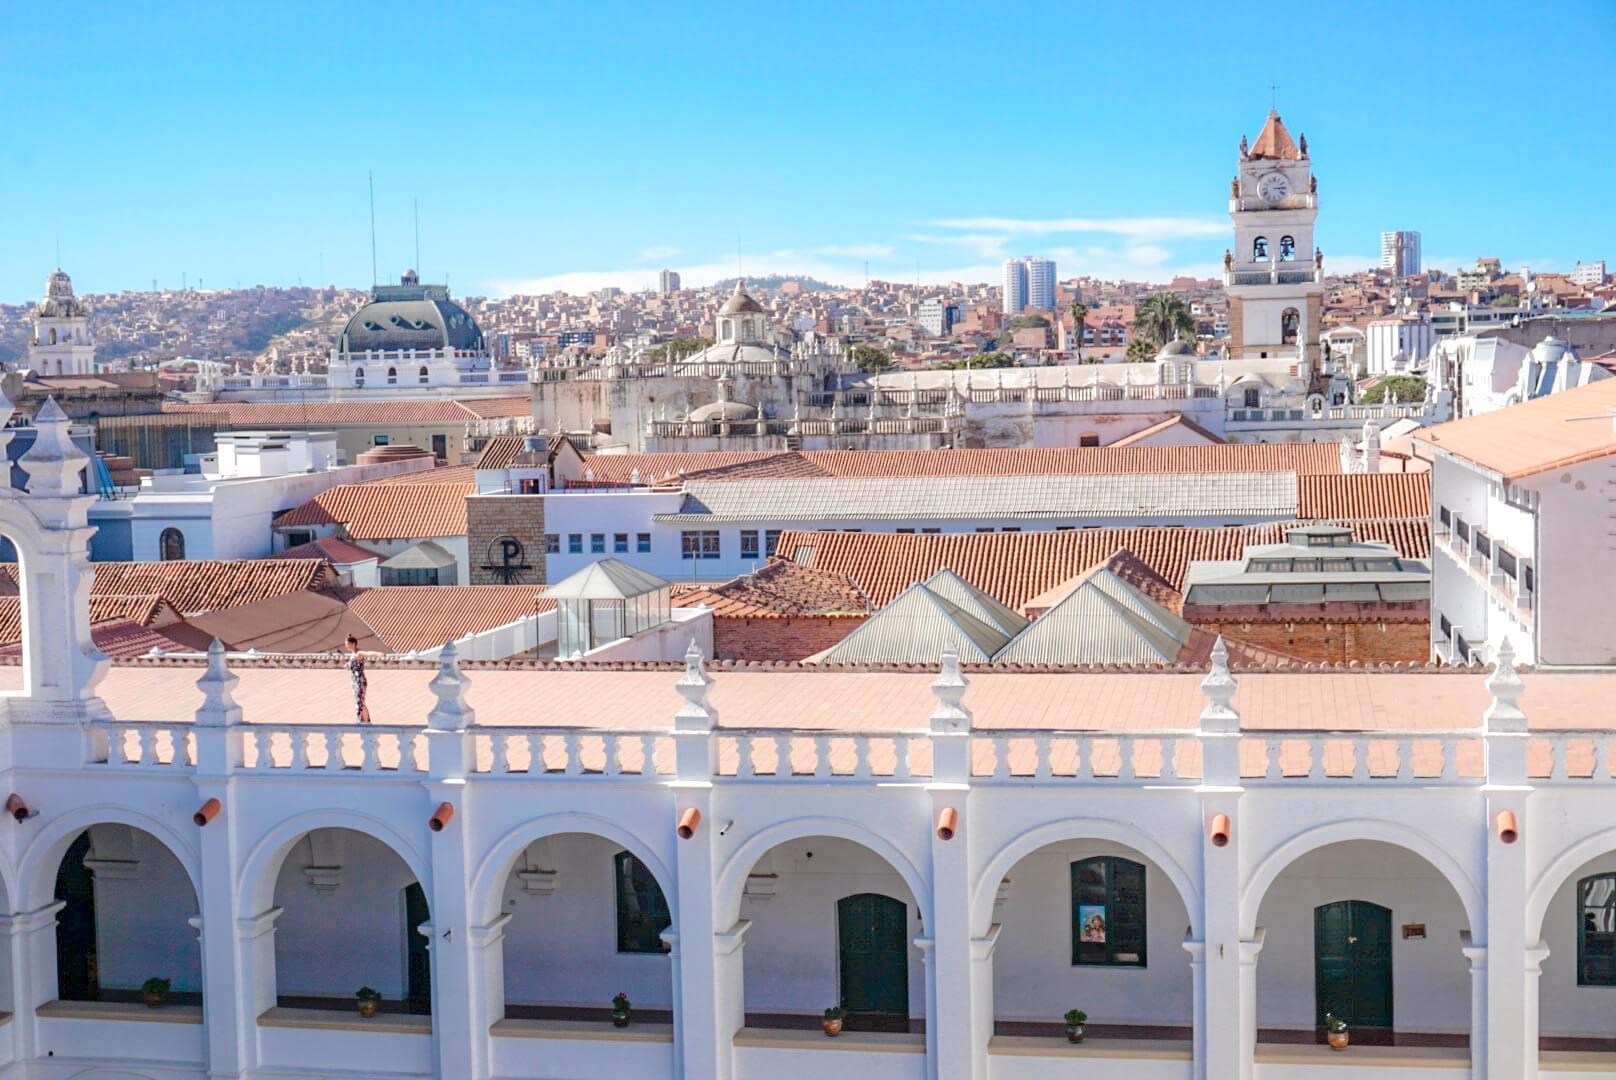 monter sur le toit couvent iglesia san felipe de neri sucre bolivie